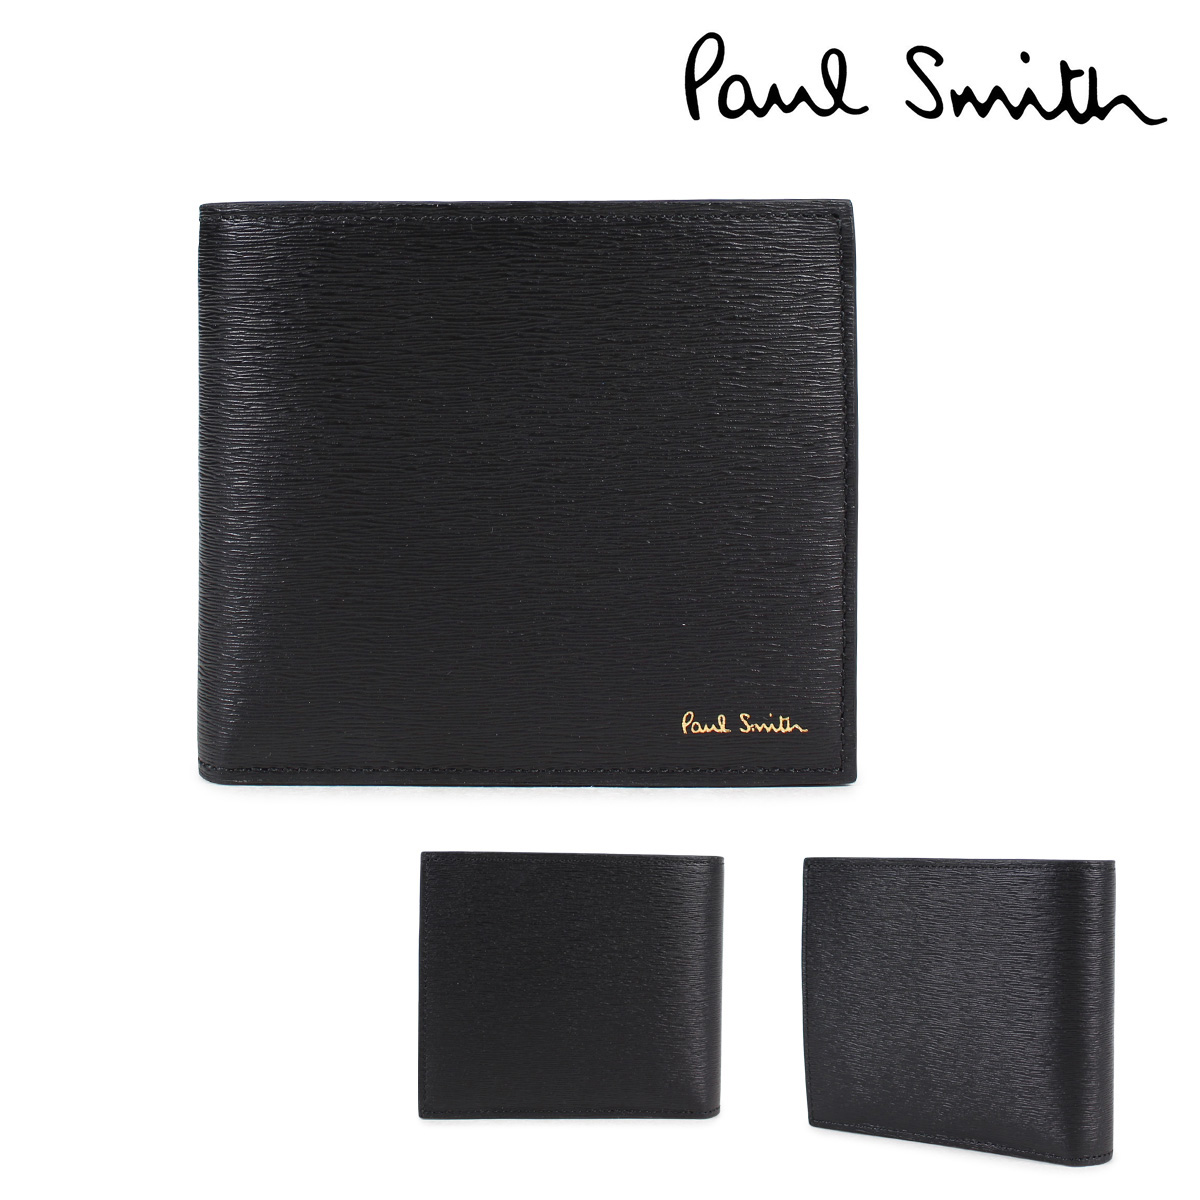 aa2b68785083 Paul Smith SMART WALLET ポールスミス 財布 メンズ 二つ折り レザー ブラック 4833 W905 79 [181]  オンラインショップ